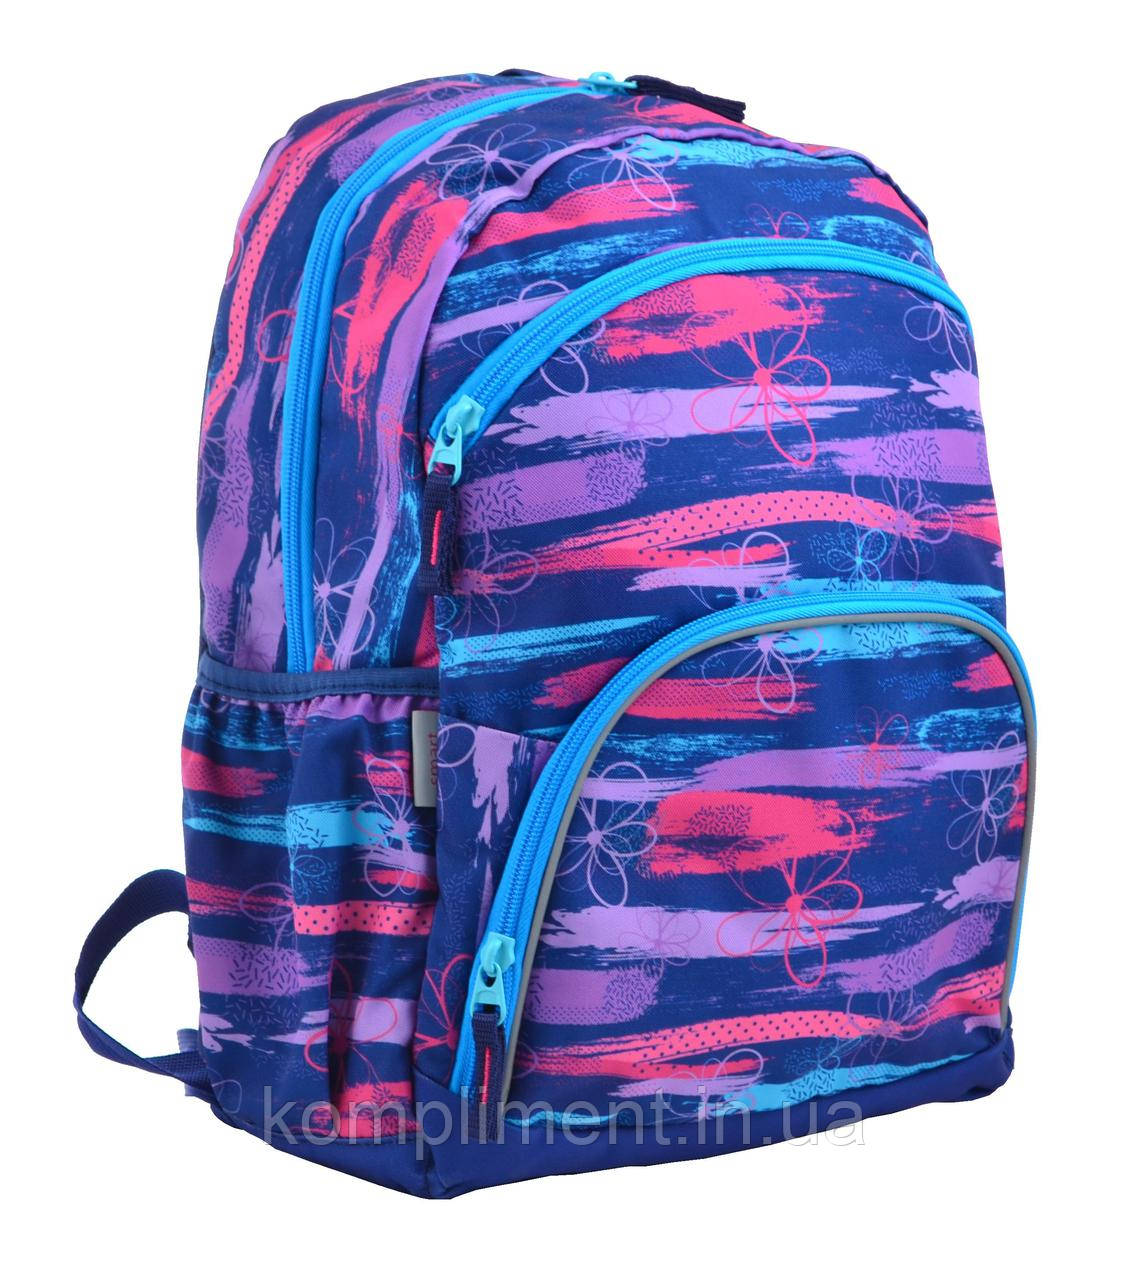 Рюкзак школьный  SG-21 Trait, 40*30*13, SMART